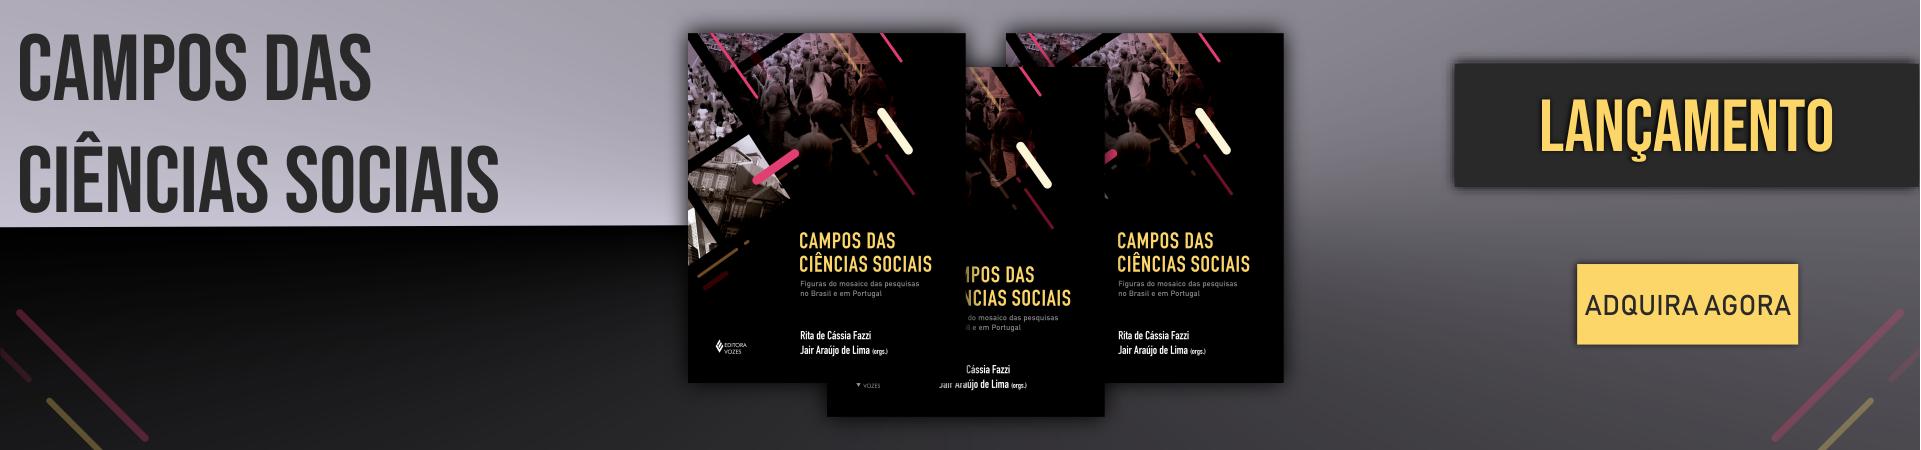 Campos das Ciências Sociais